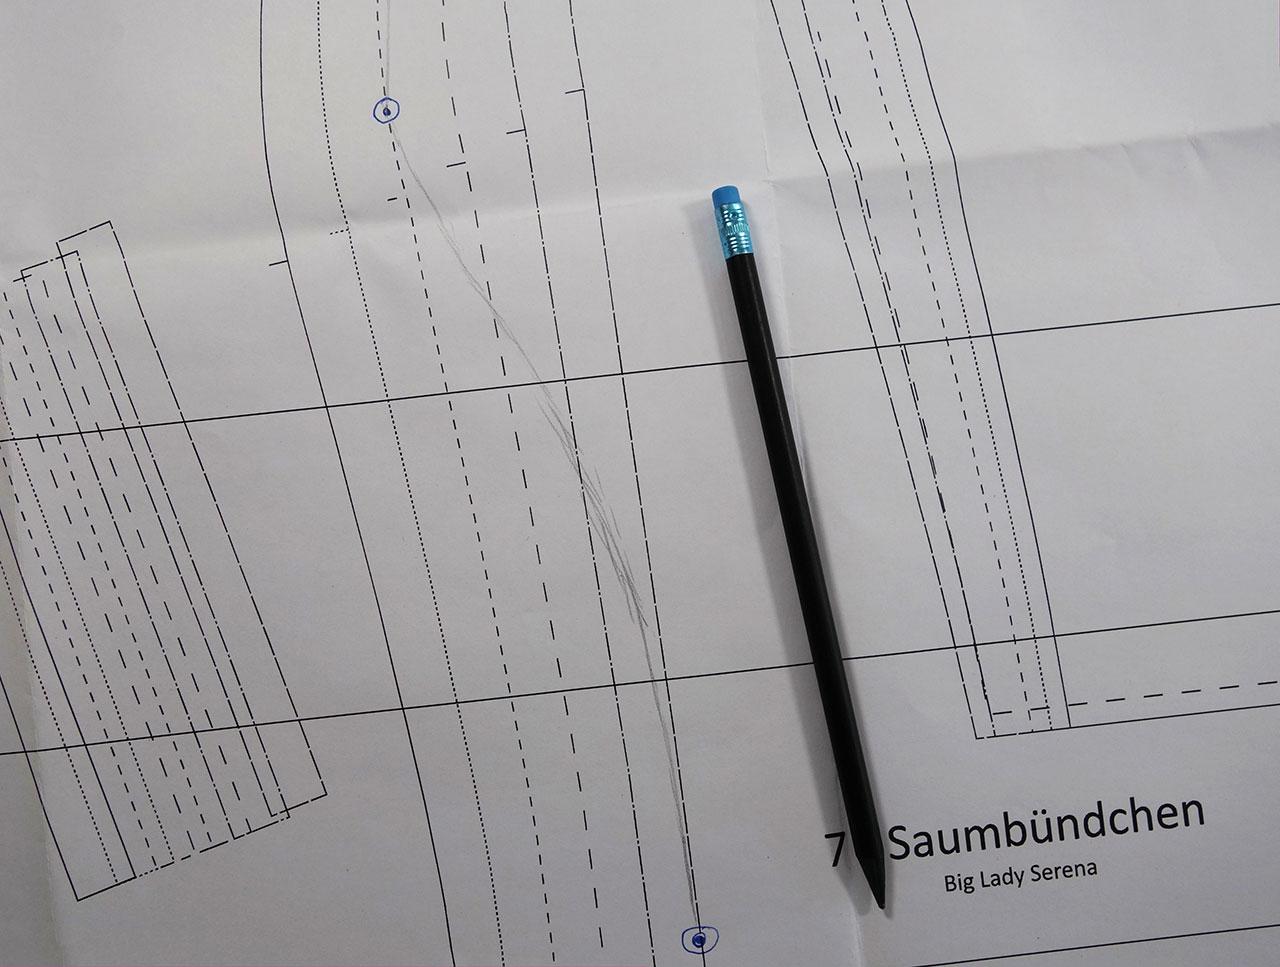 Bei einem Schnittmuster zwischen den Linien zeichnen